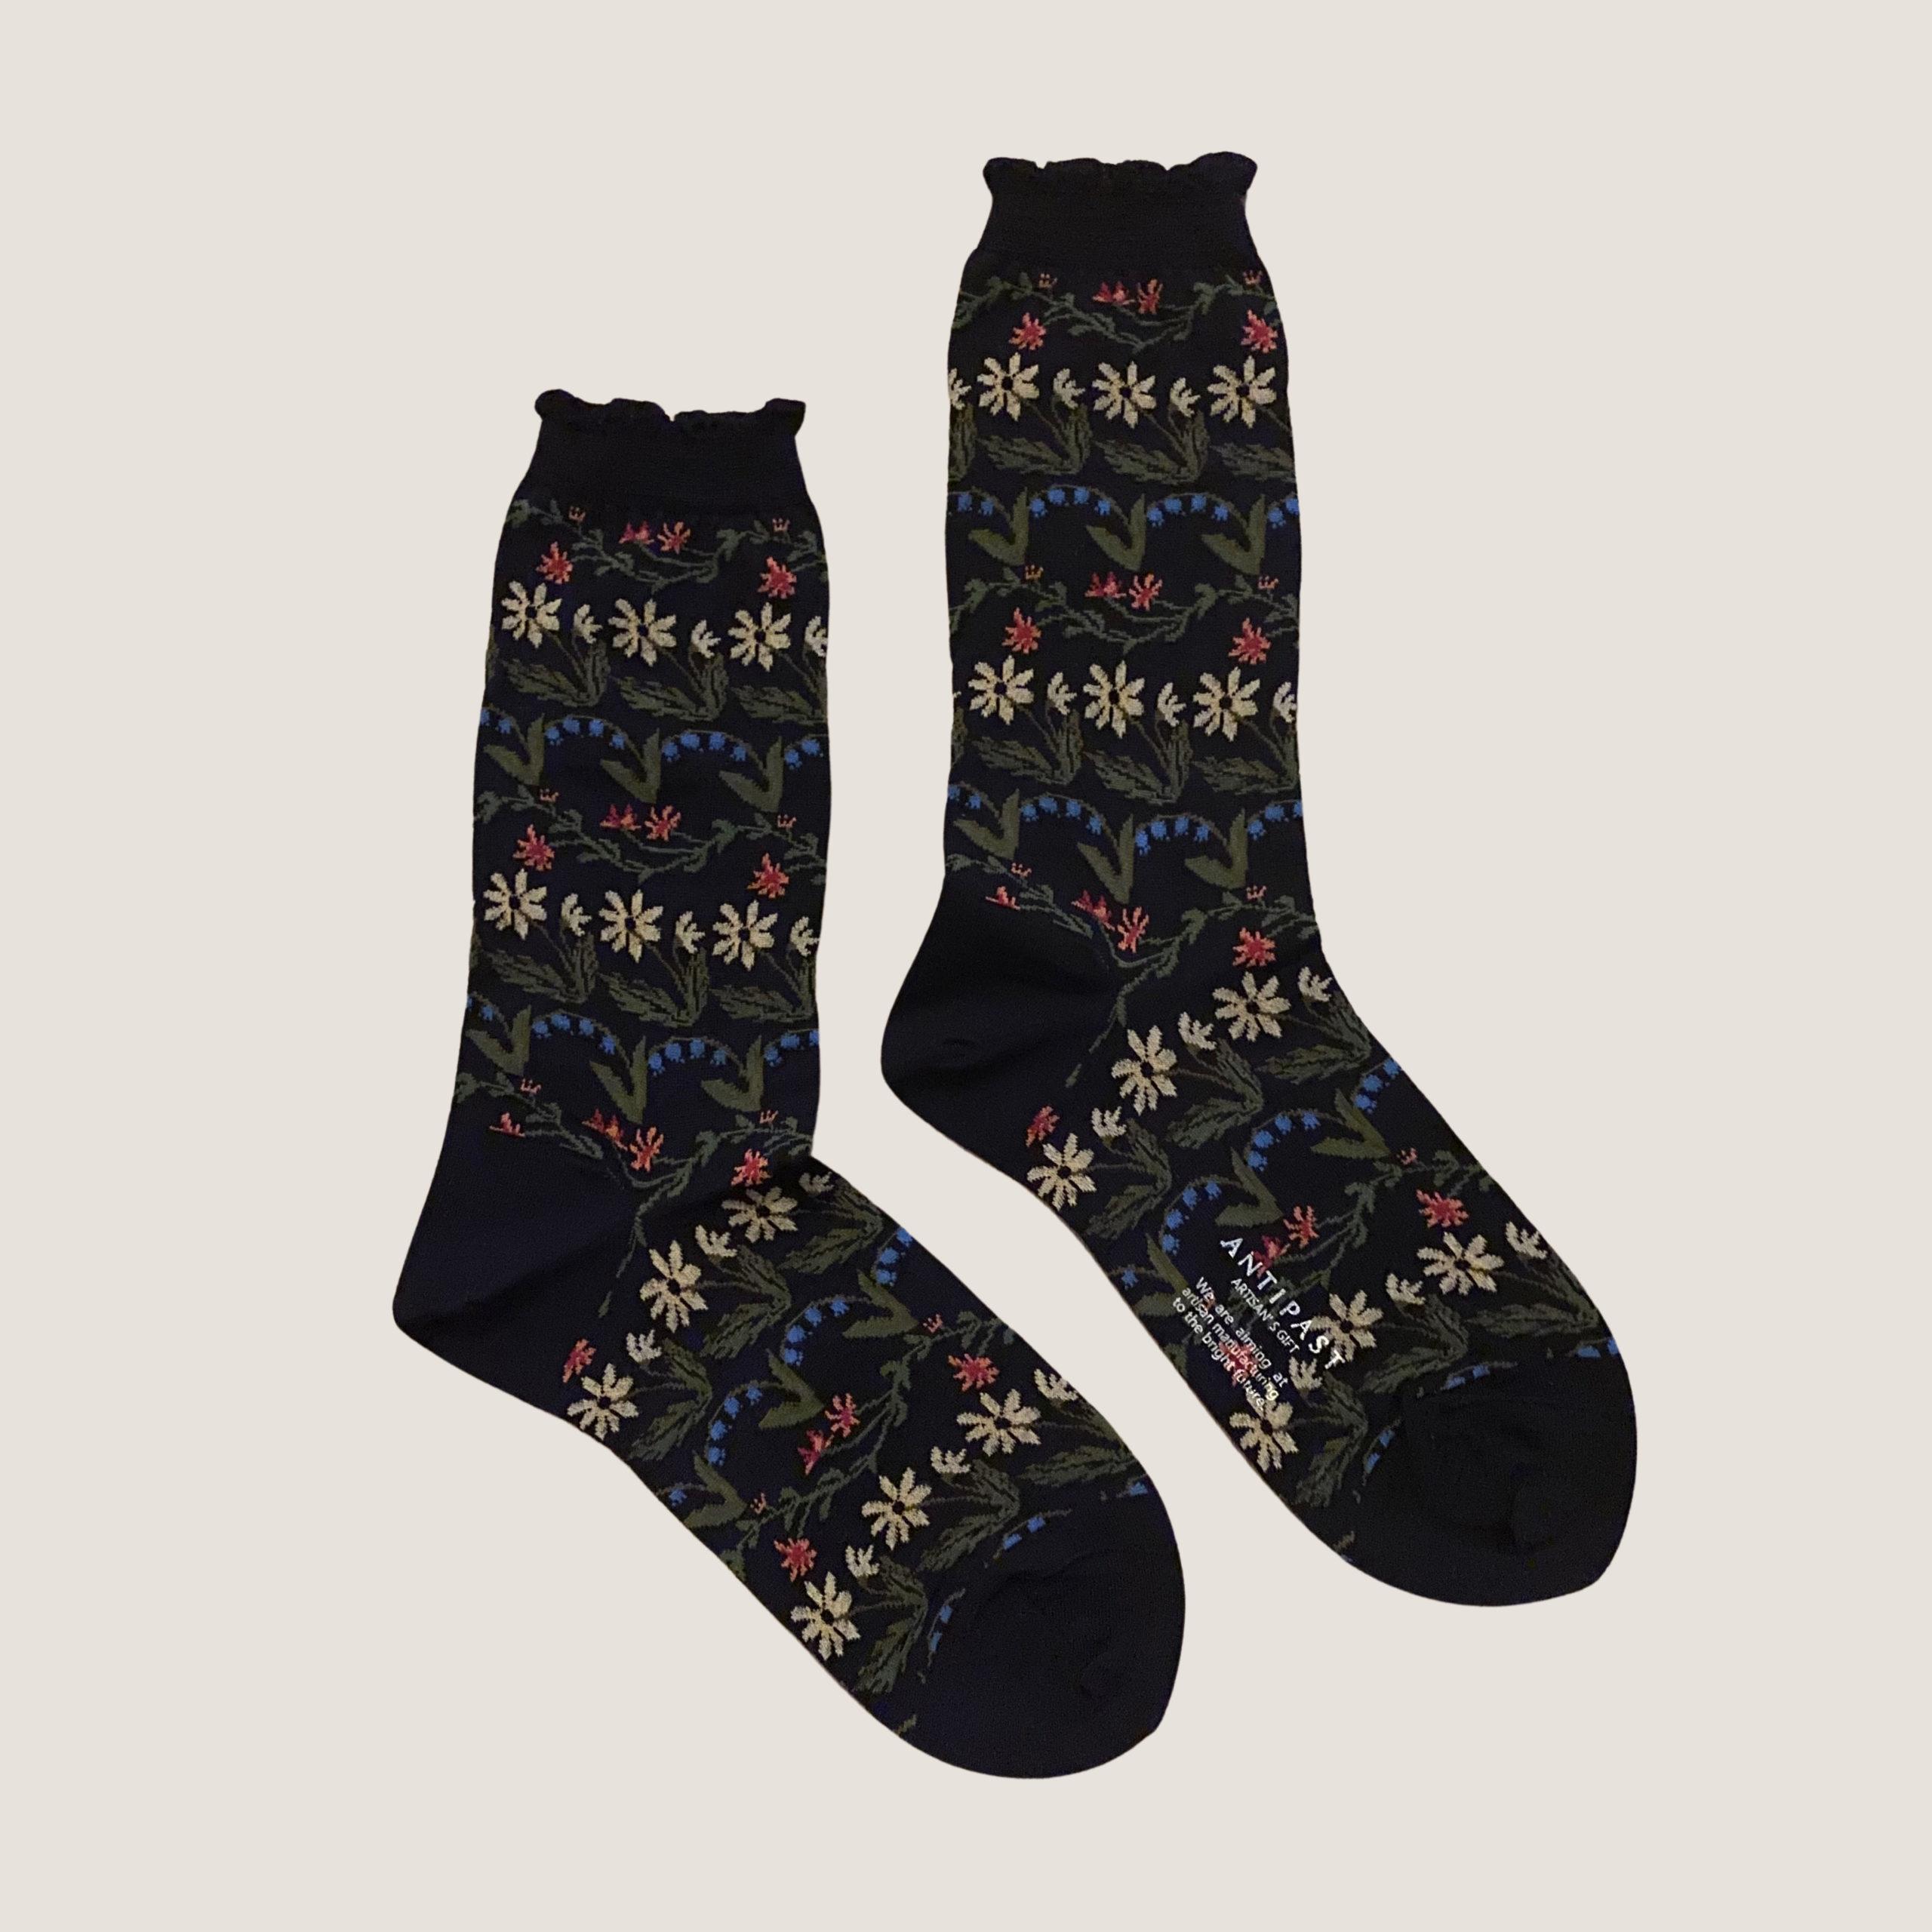 Socks - AM391A